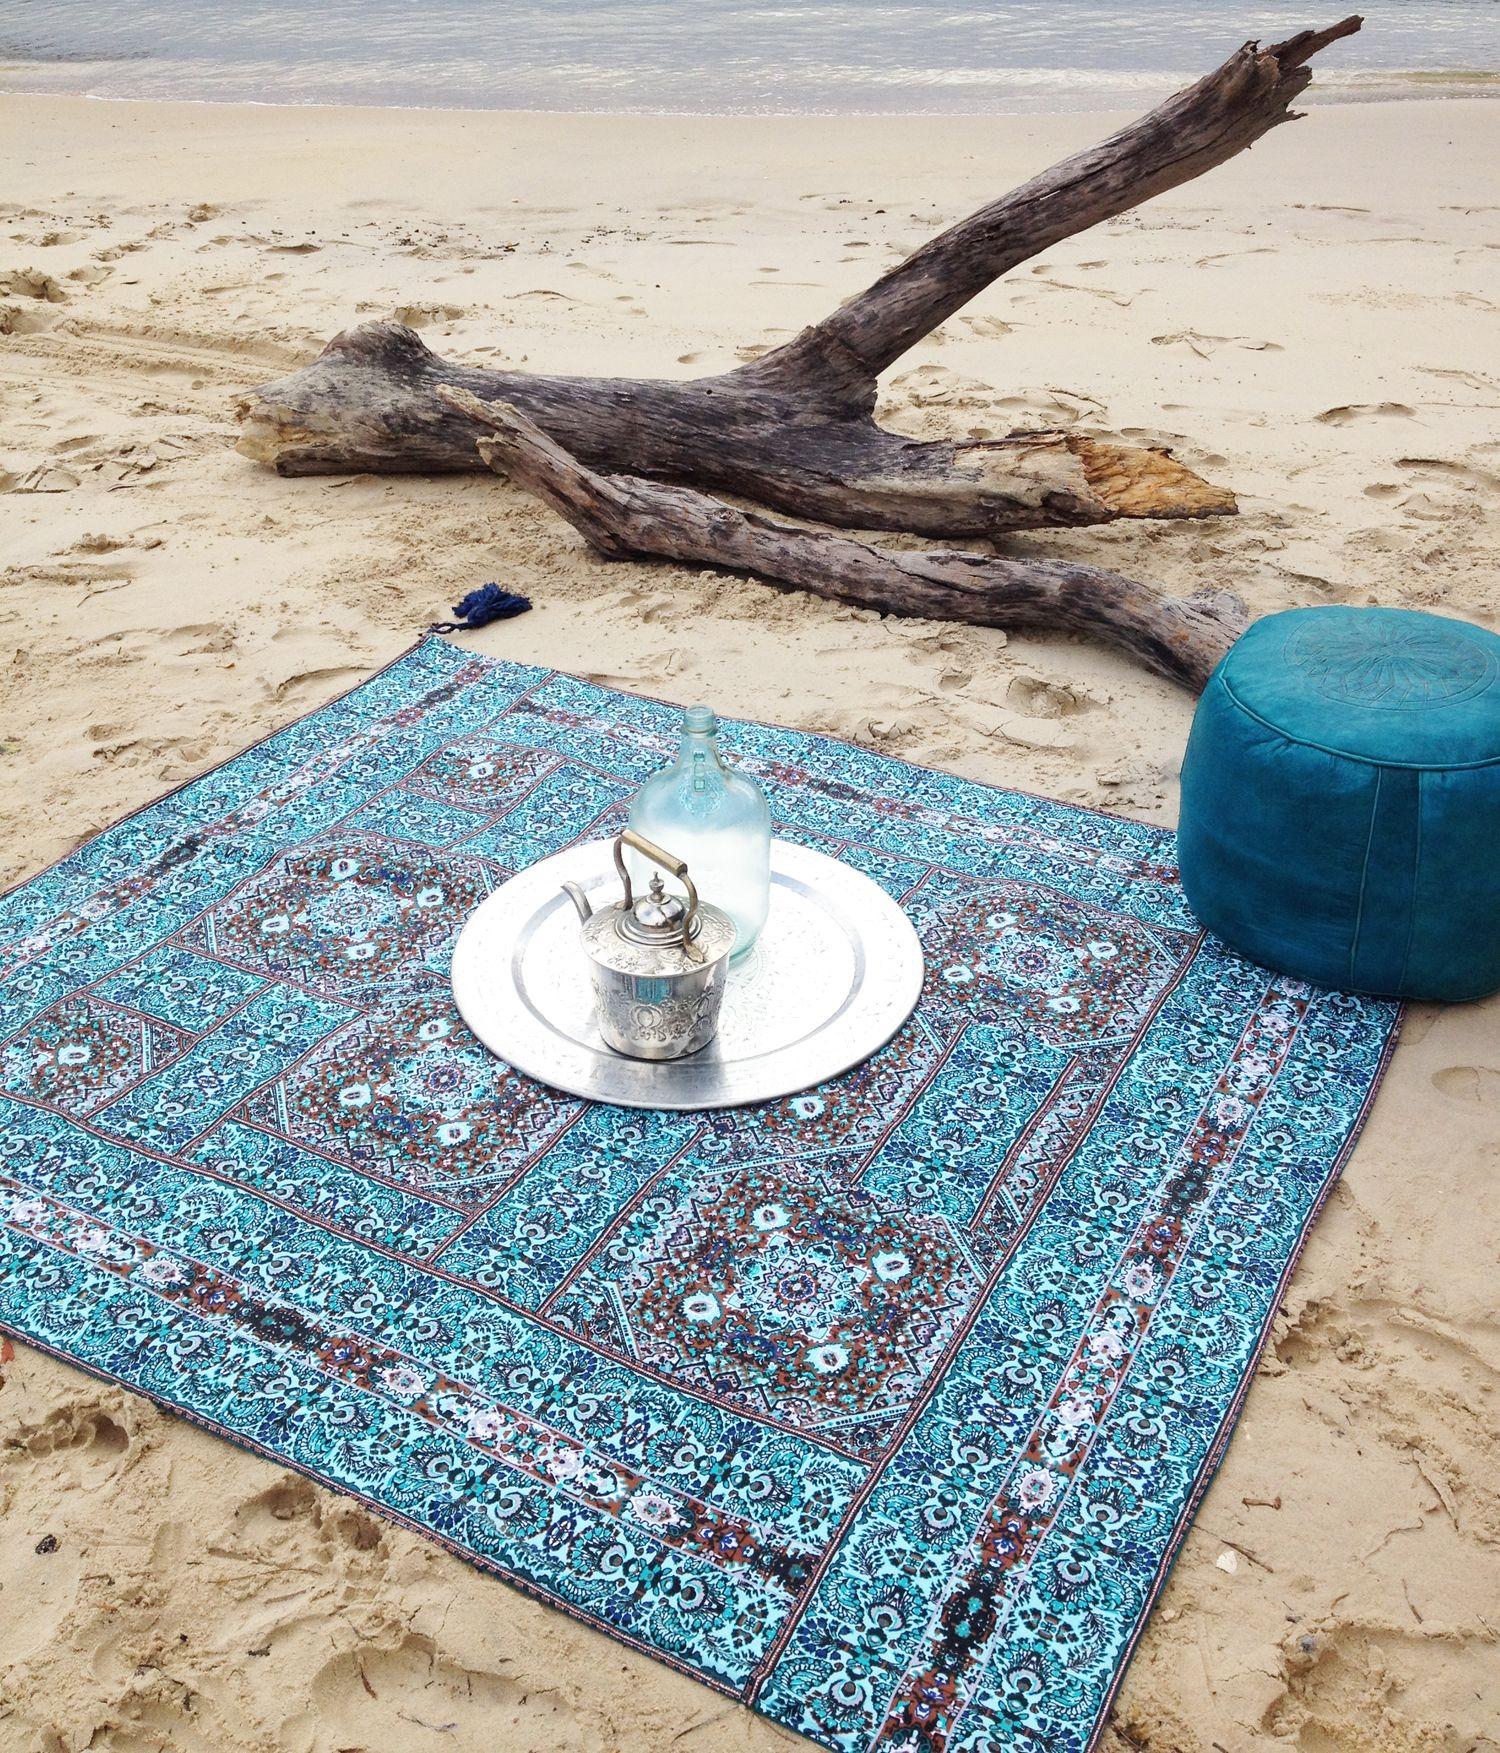 Wandering Folk Turquoise Drift Picnic Rug Livingroom